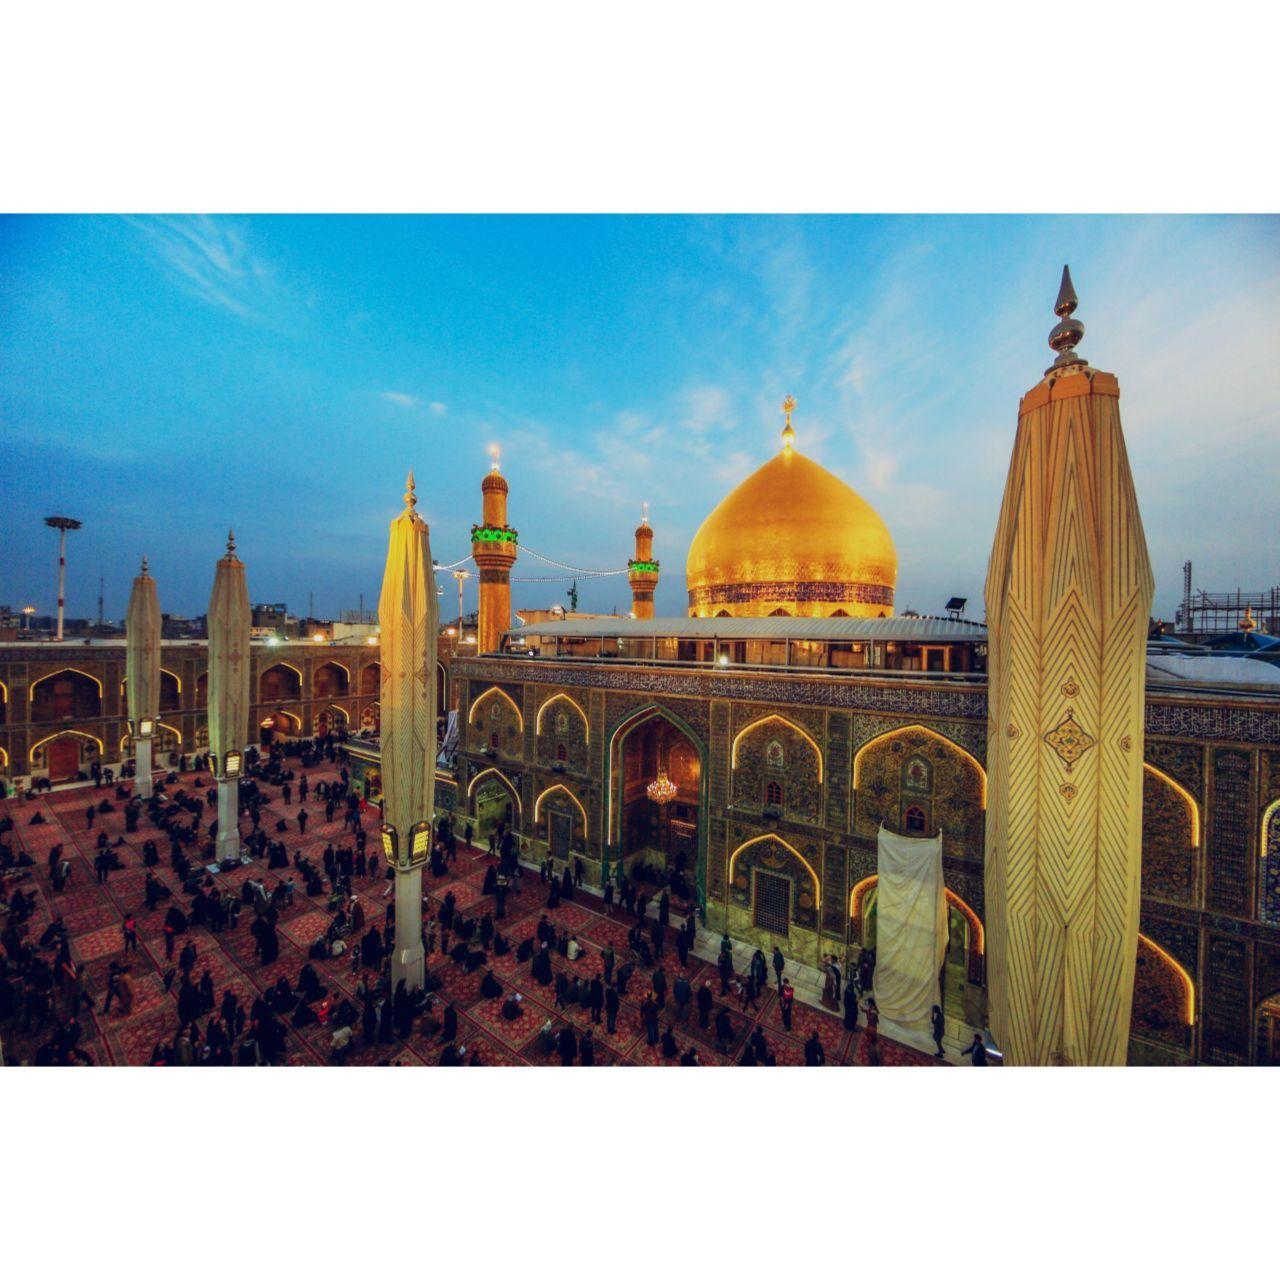 مرقد الامام علي بن ابي طالب وادم ونوح عليهم السلام بمدينه النجف الاشرف بالعراق Building Taj Mahal Landmarks